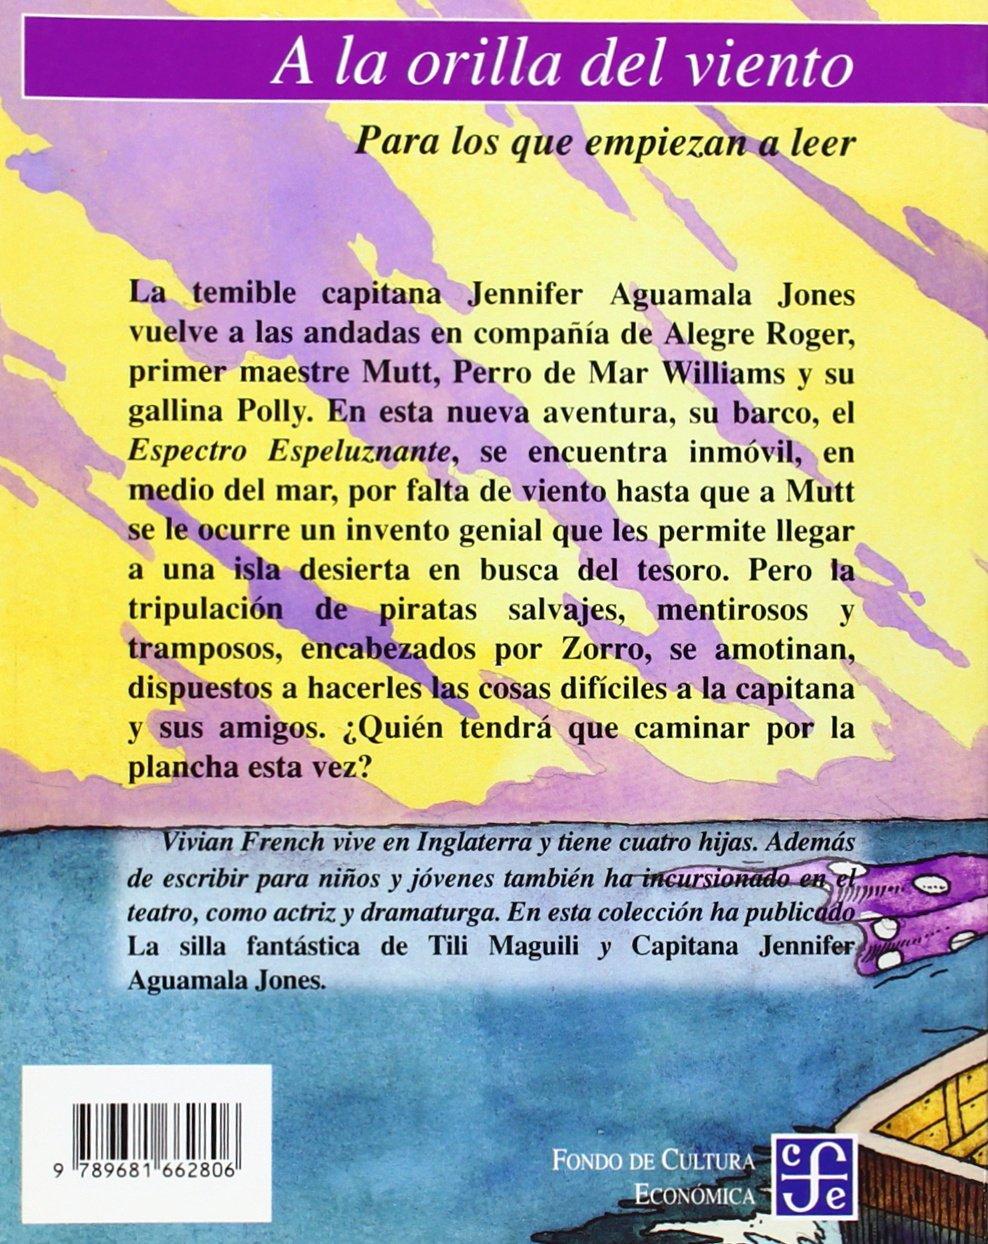 Primer Maestre Mutt y el motín de la máquina de viento (A la Orilla del Viento) (Spanish Edition): French Vivian: 9789681662806: Amazon.com: Books